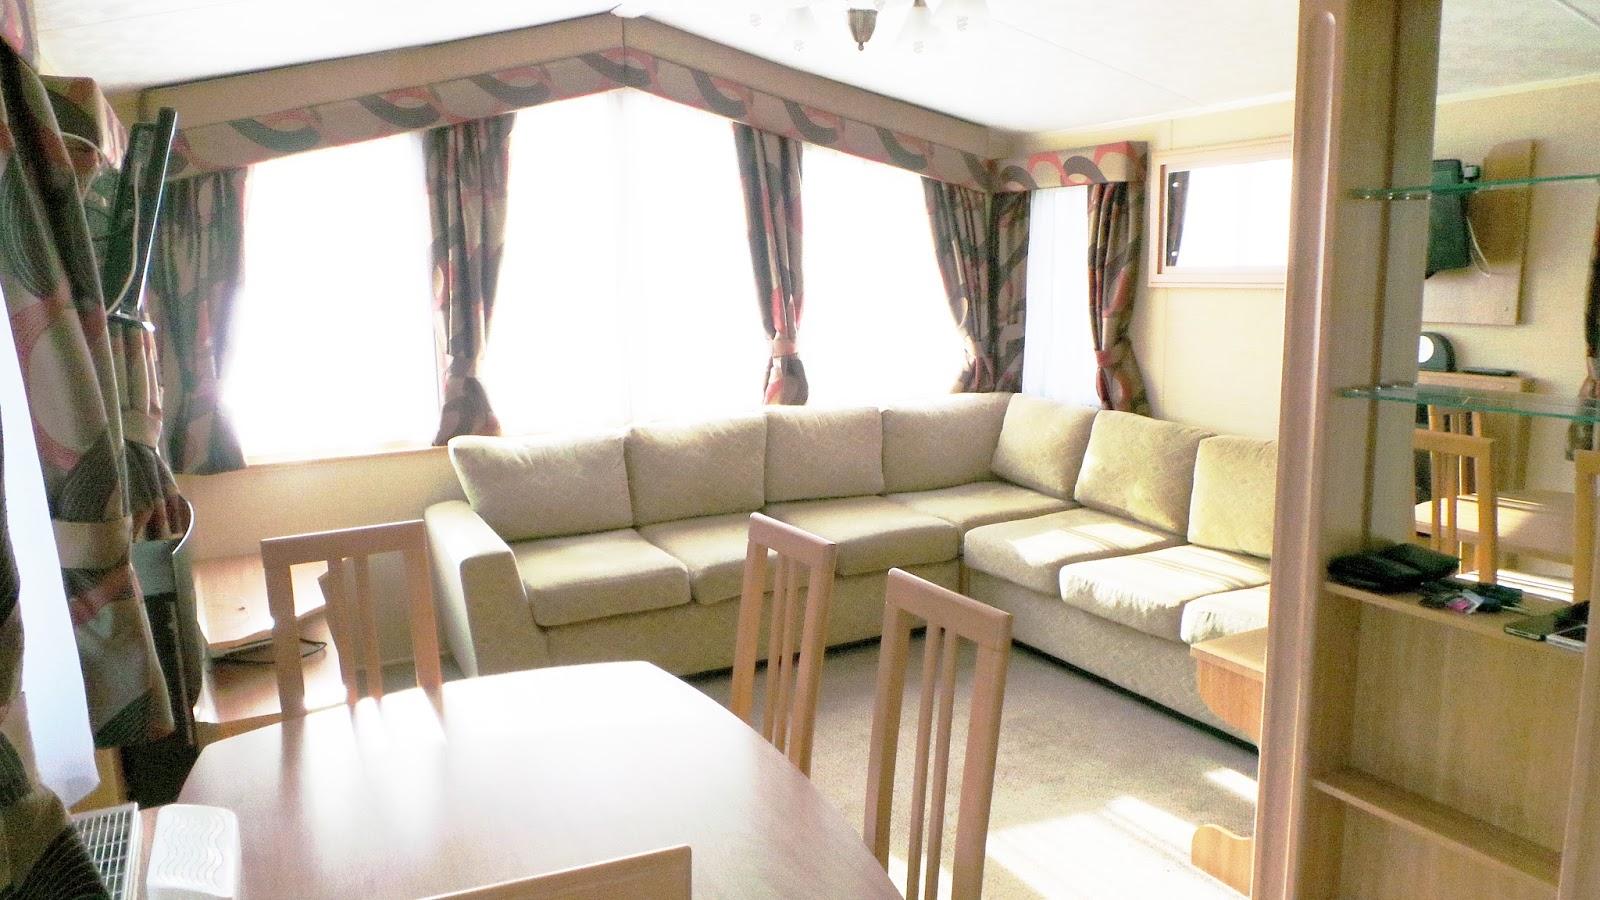 Review / Blog Billing Aquadrome Holiday Park, Northamptonshire Gold Caravan